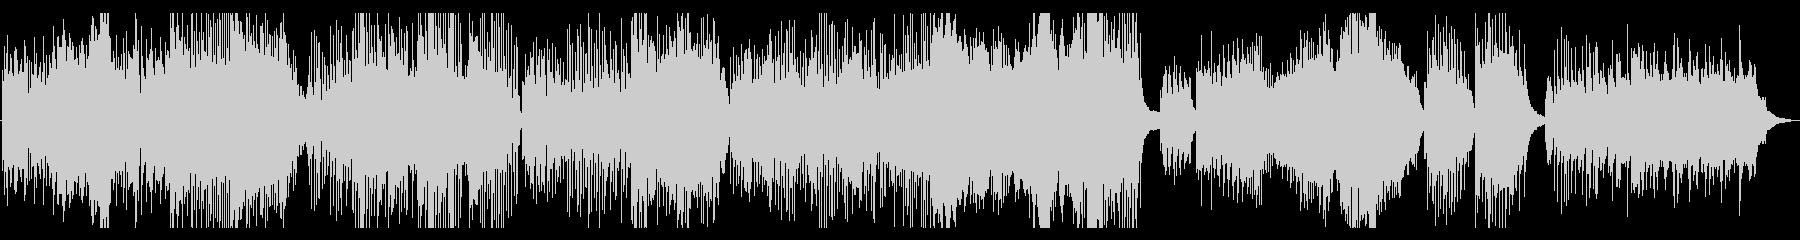 クラシックピアノ名曲「水の戯れ」ラヴェルの未再生の波形